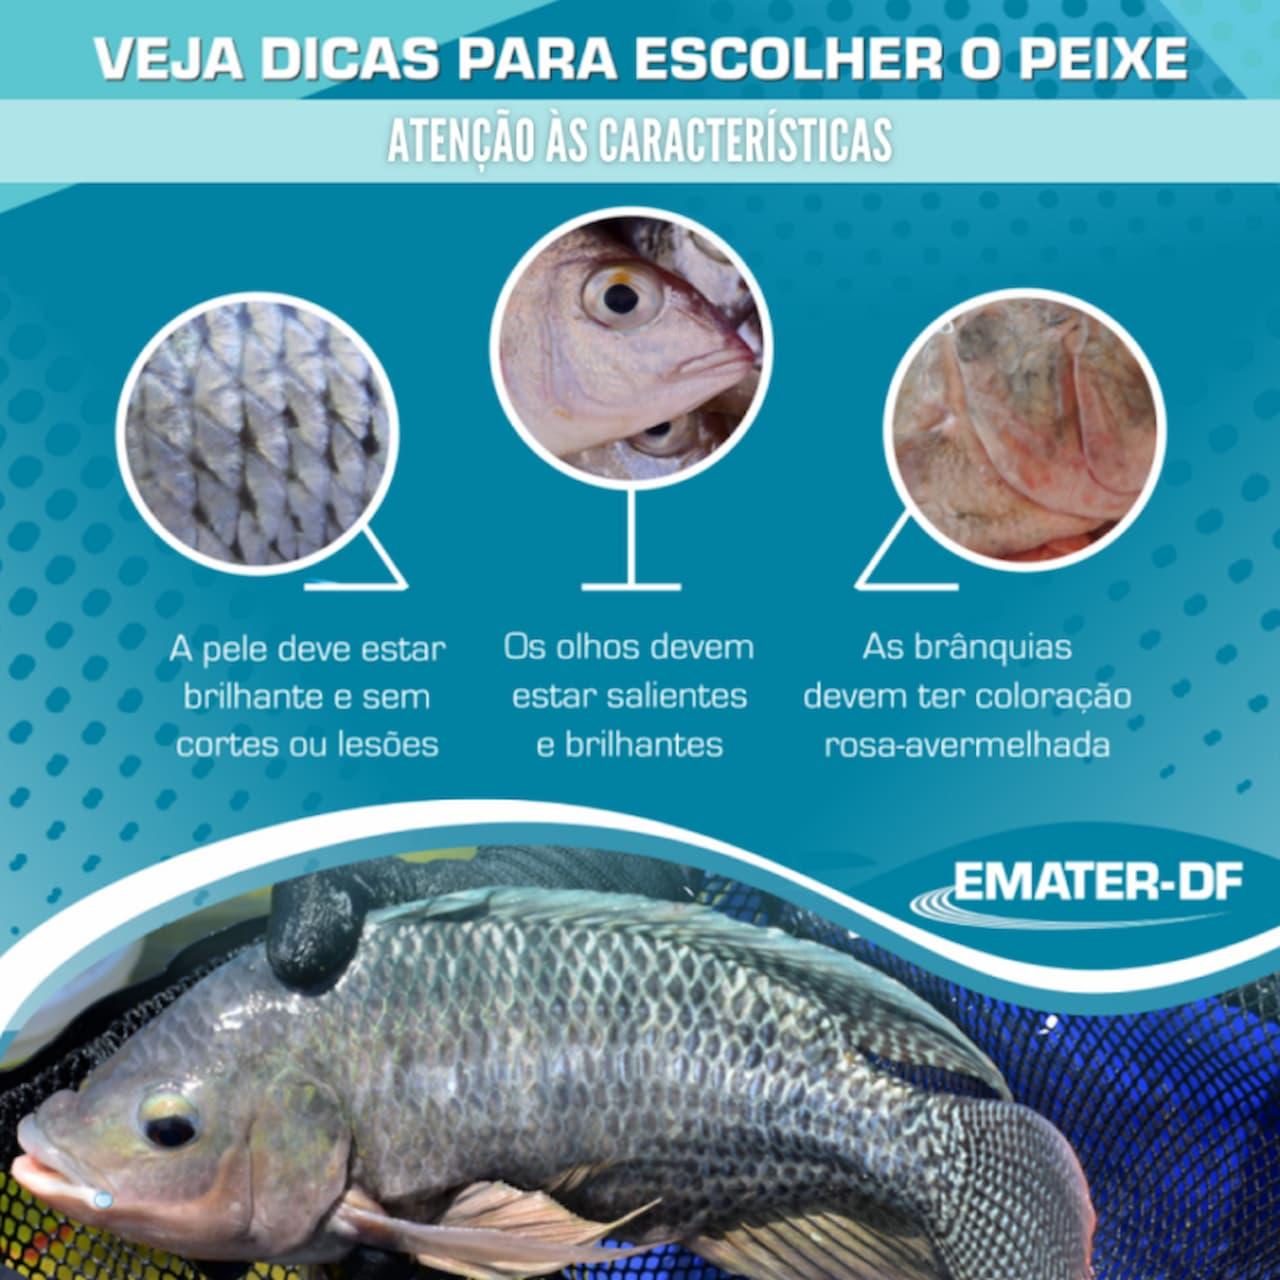 1.9-Peixe_Dicas-emater-DF